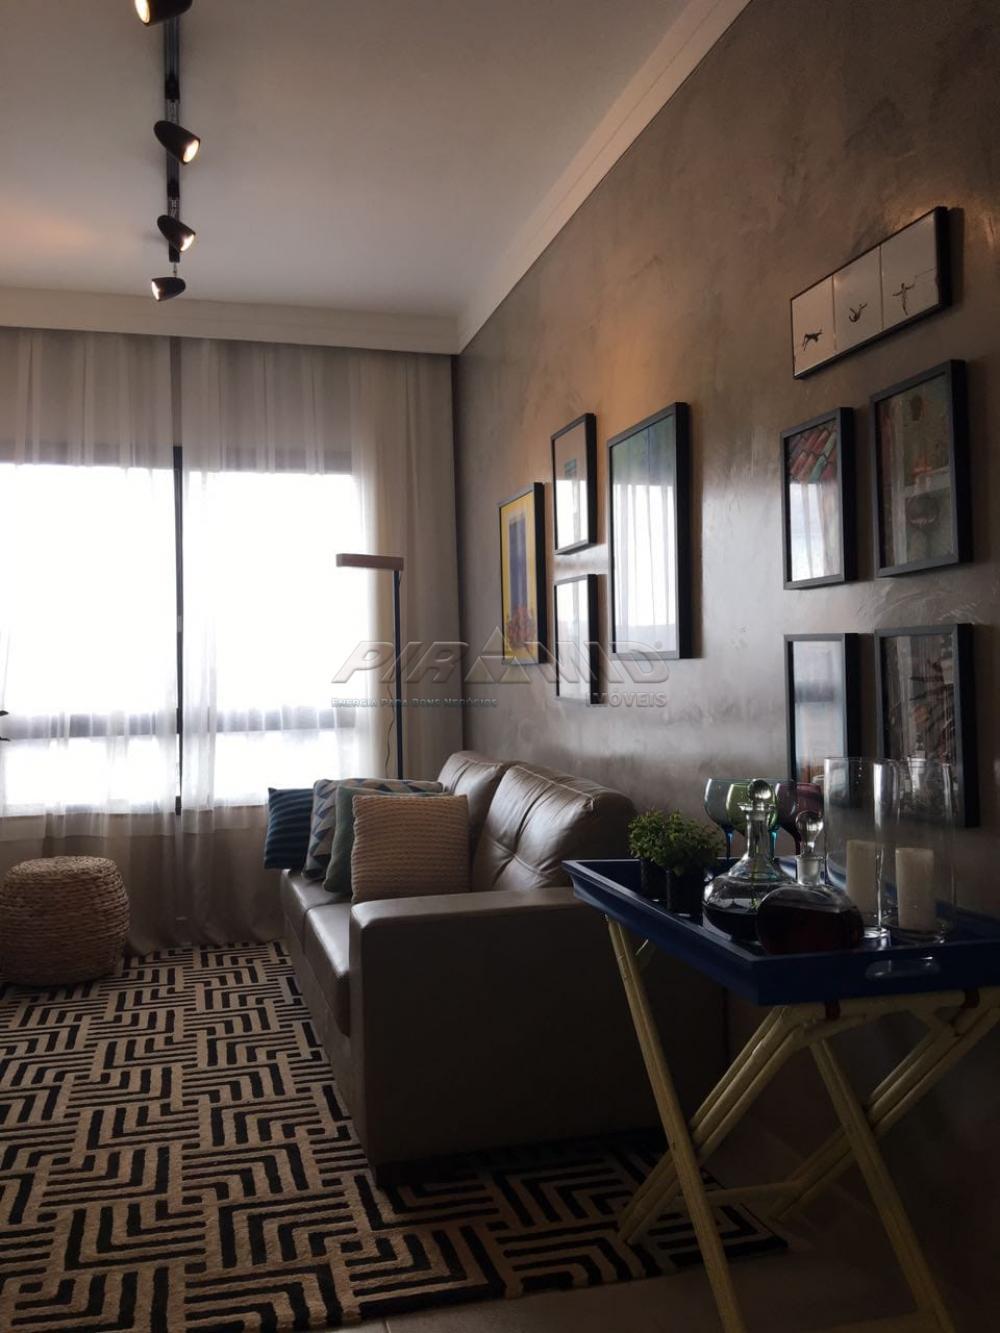 Comprar Apartamento / Padrão em Ribeirão Preto apenas R$ 203.320,00 - Foto 12